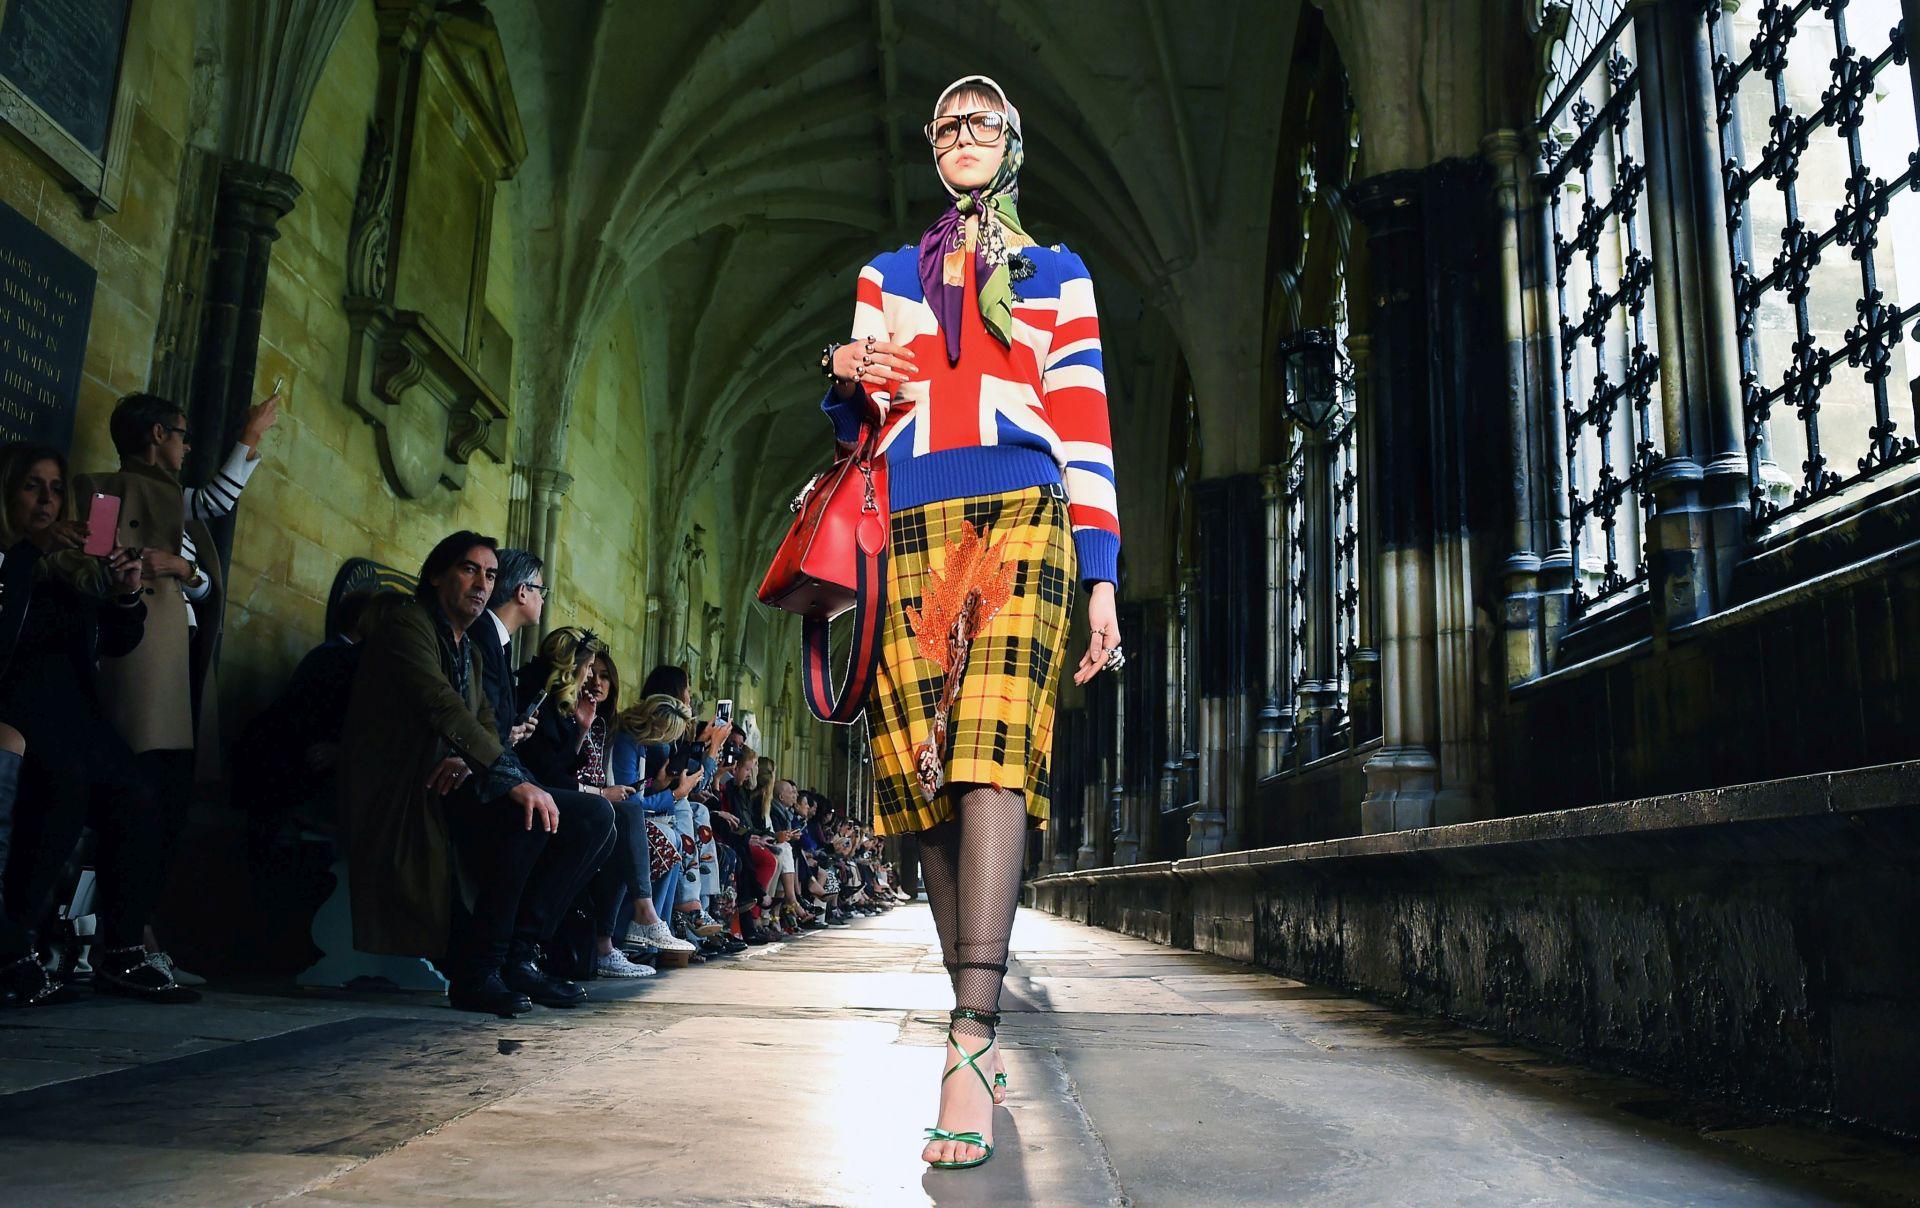 VIDEO: Guccijeva modna revija u Westminsterskoj palači